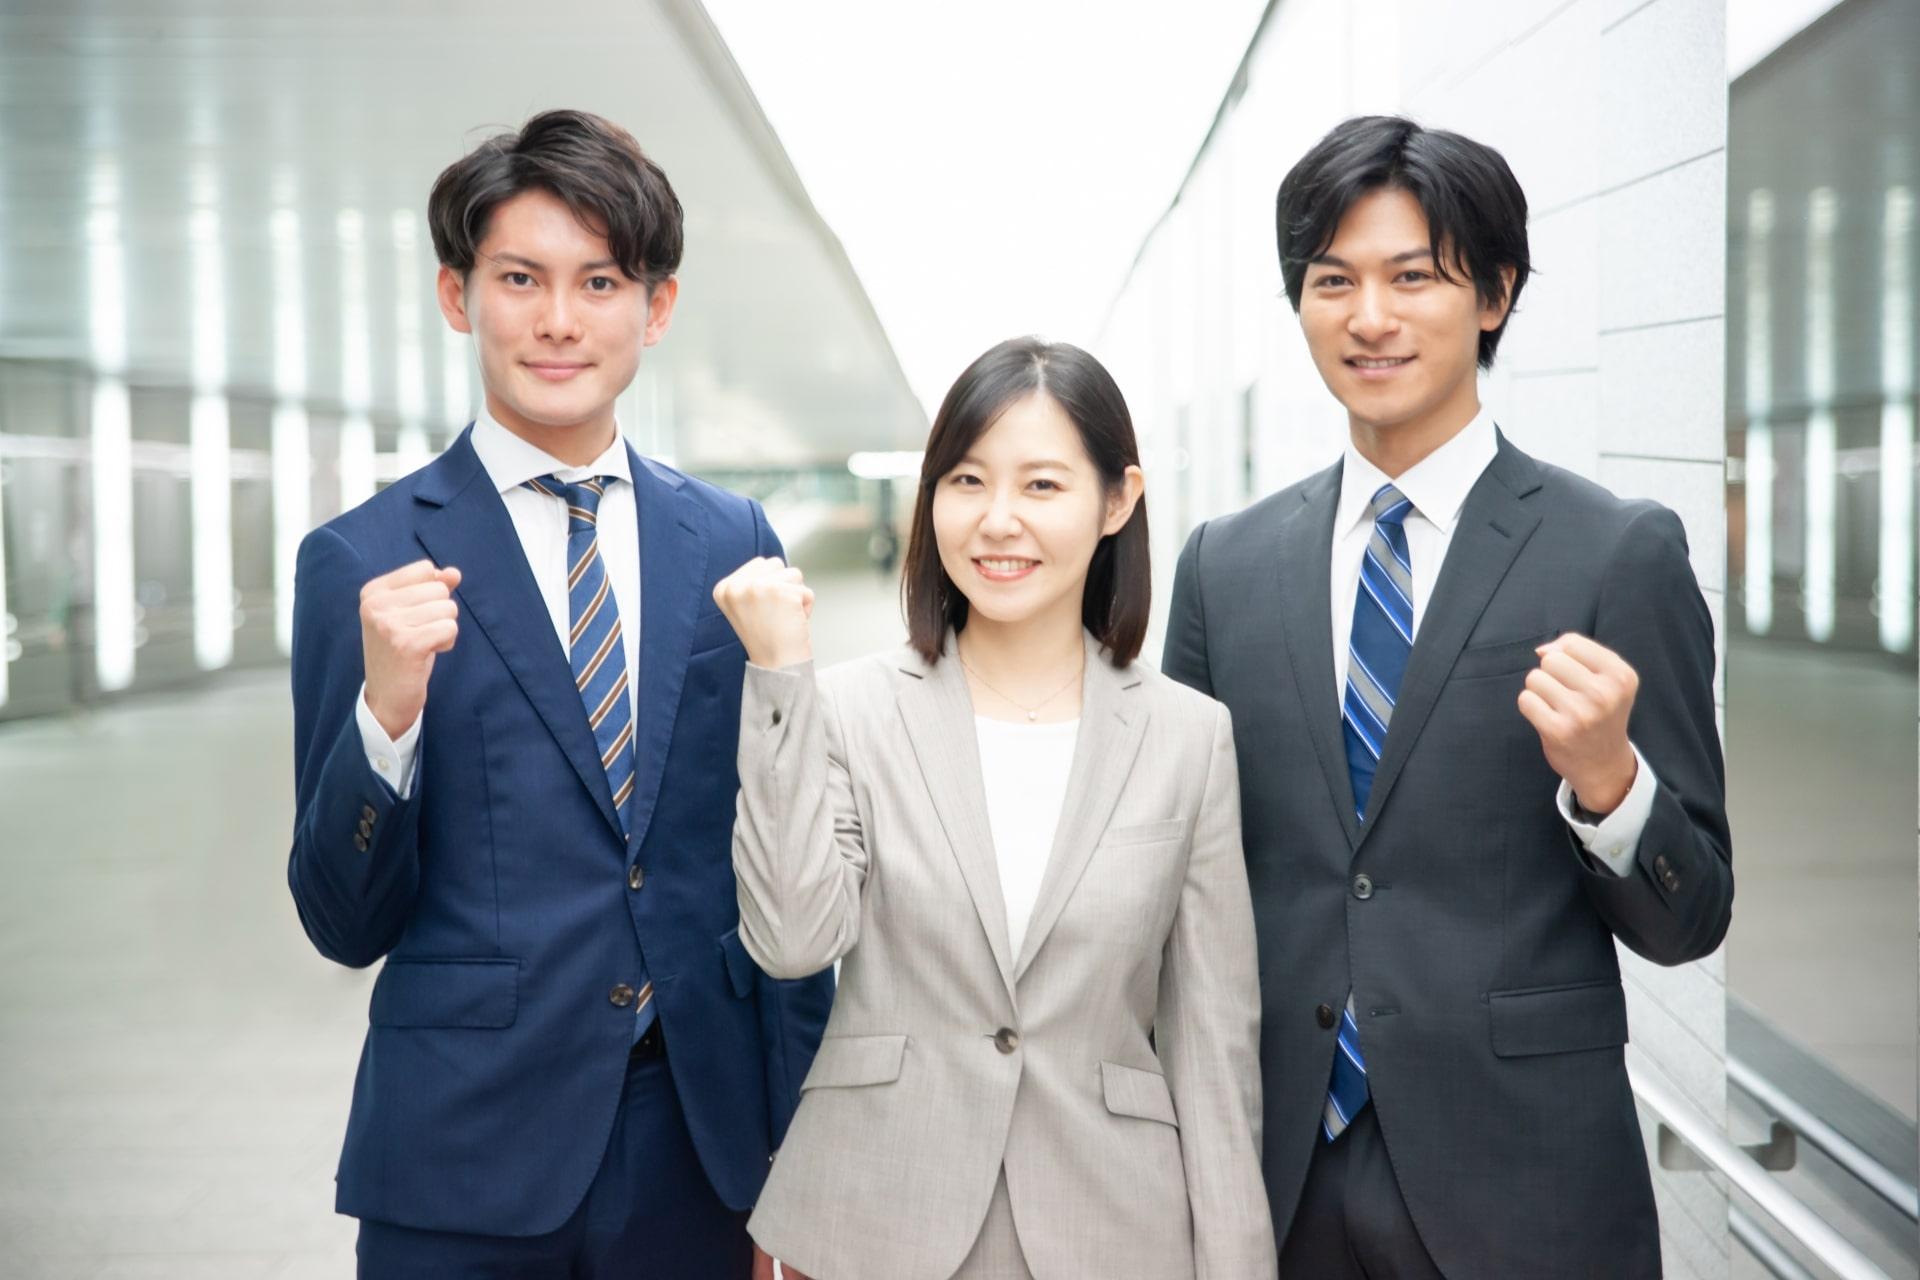 株式会社シナジアの採用情報